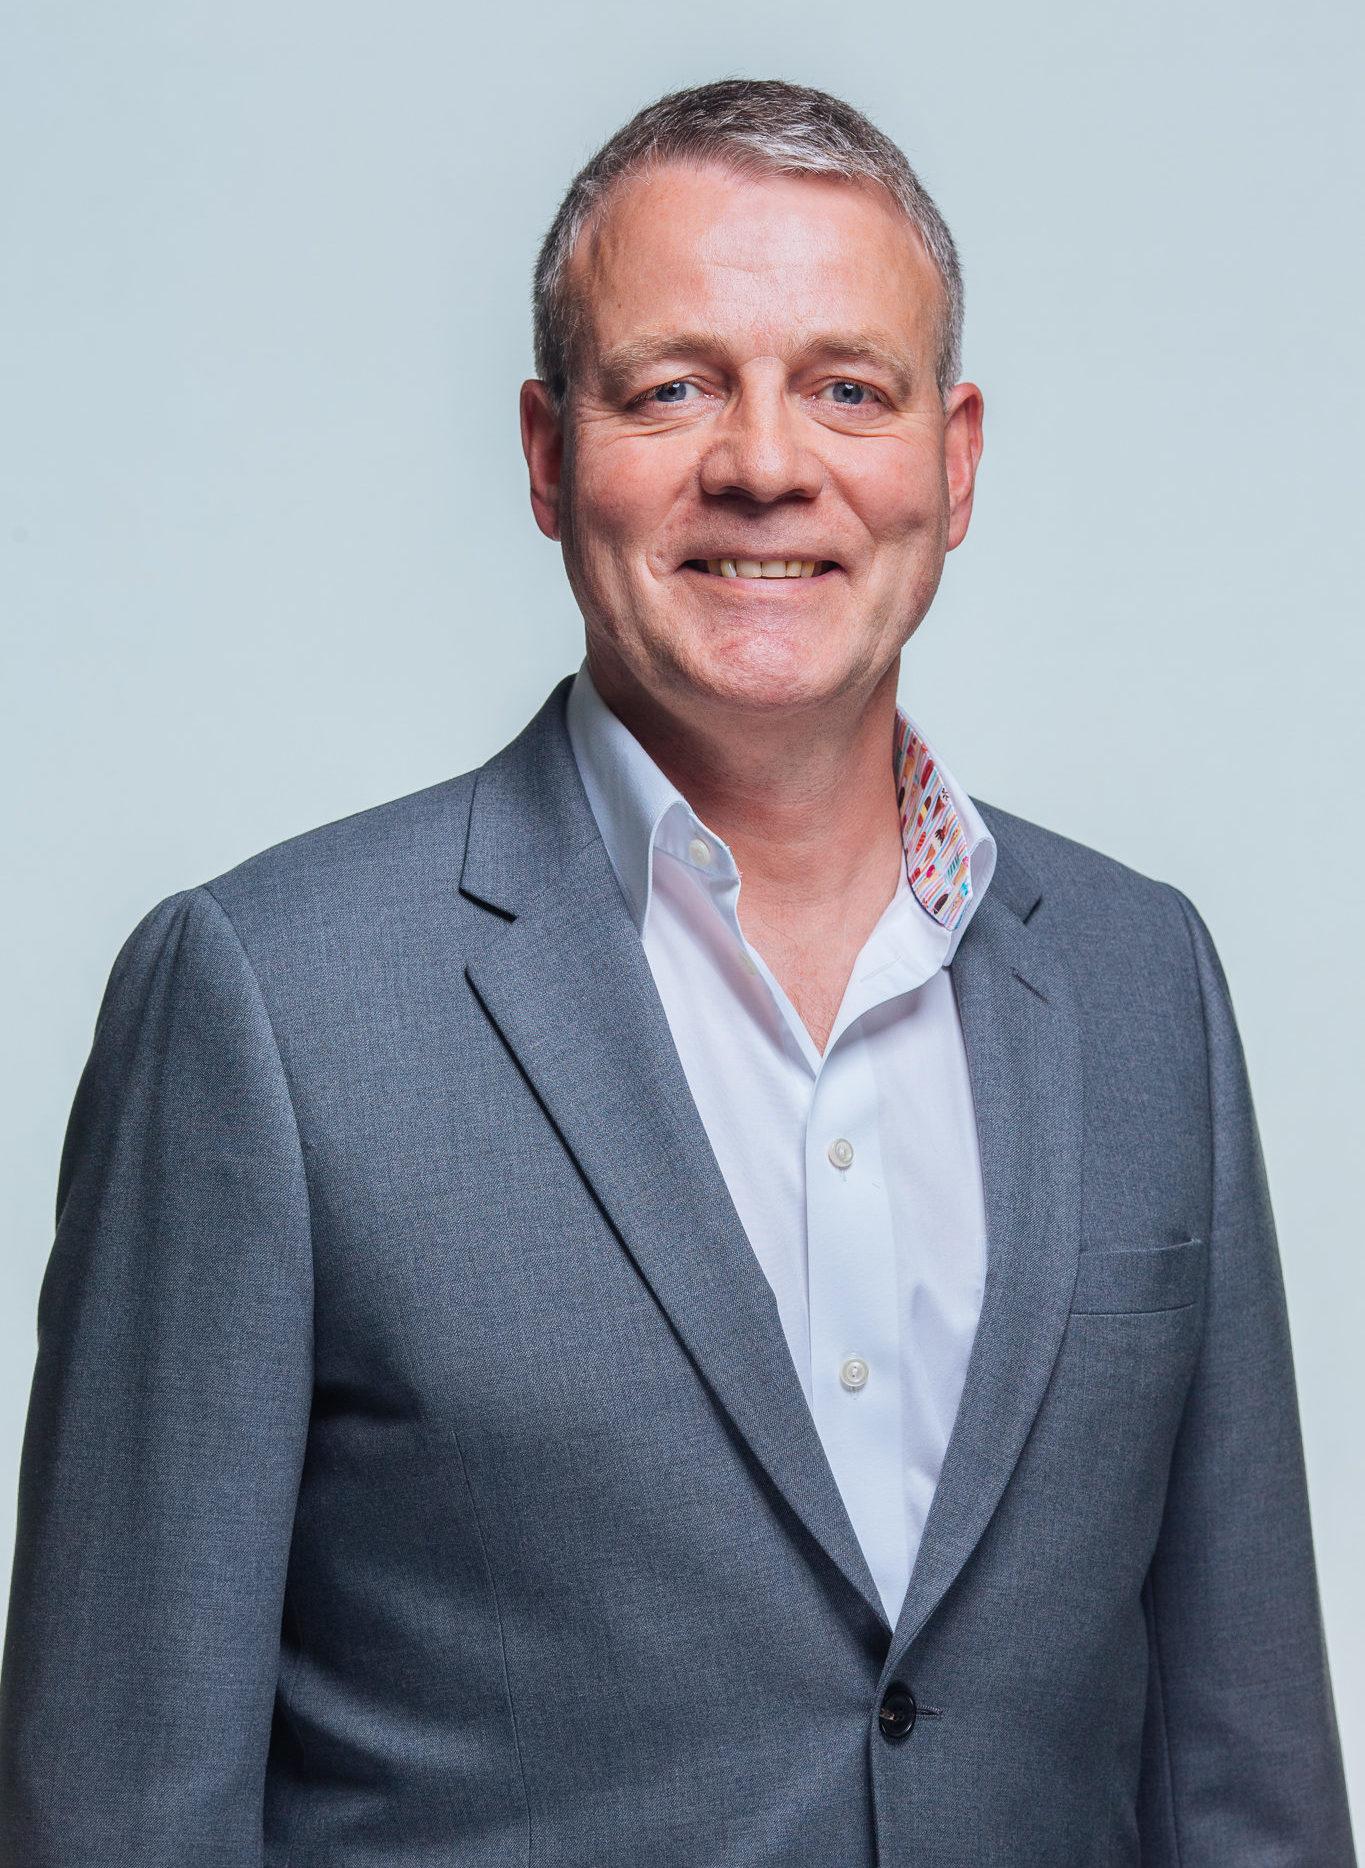 Klavs Jarl Jørgensen